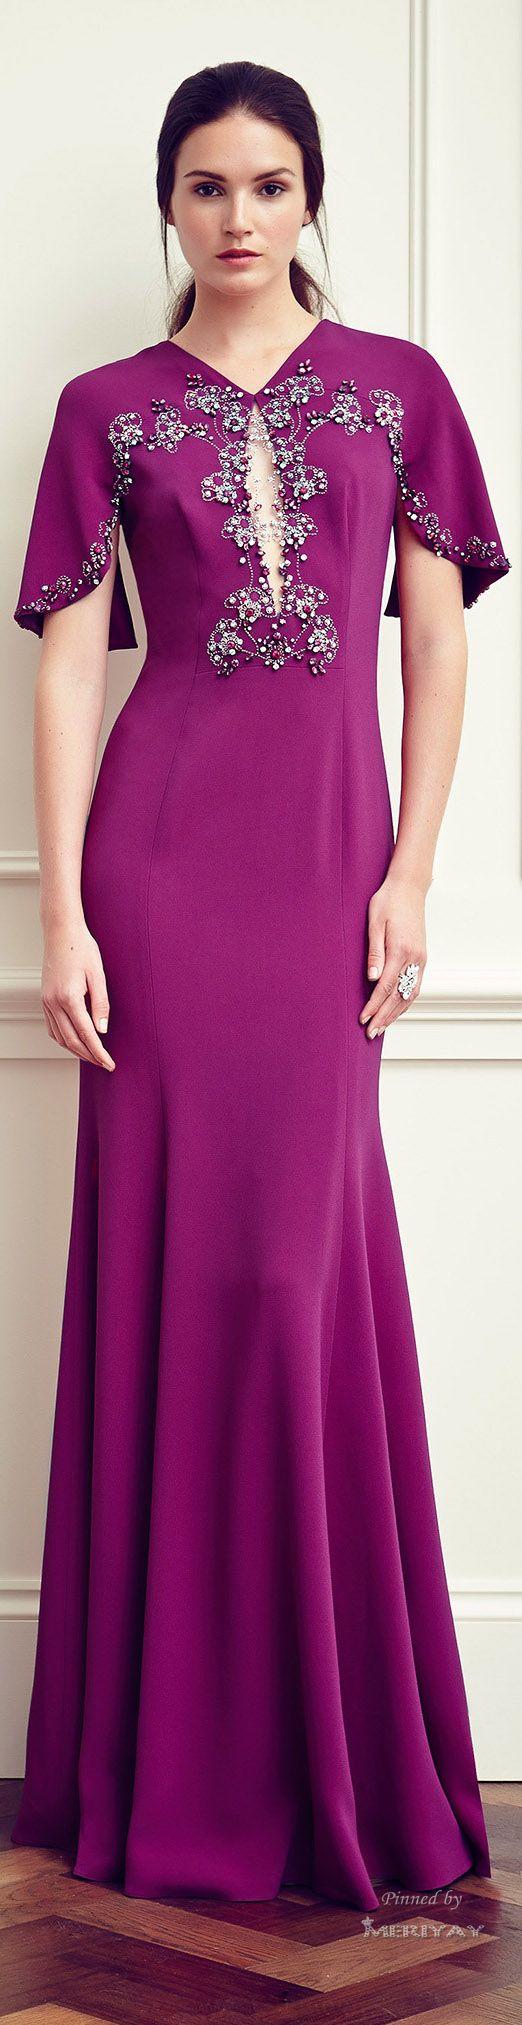 Lujo Vestidos De Cóctel Jenny Packham Modelo - Colección de Vestidos ...